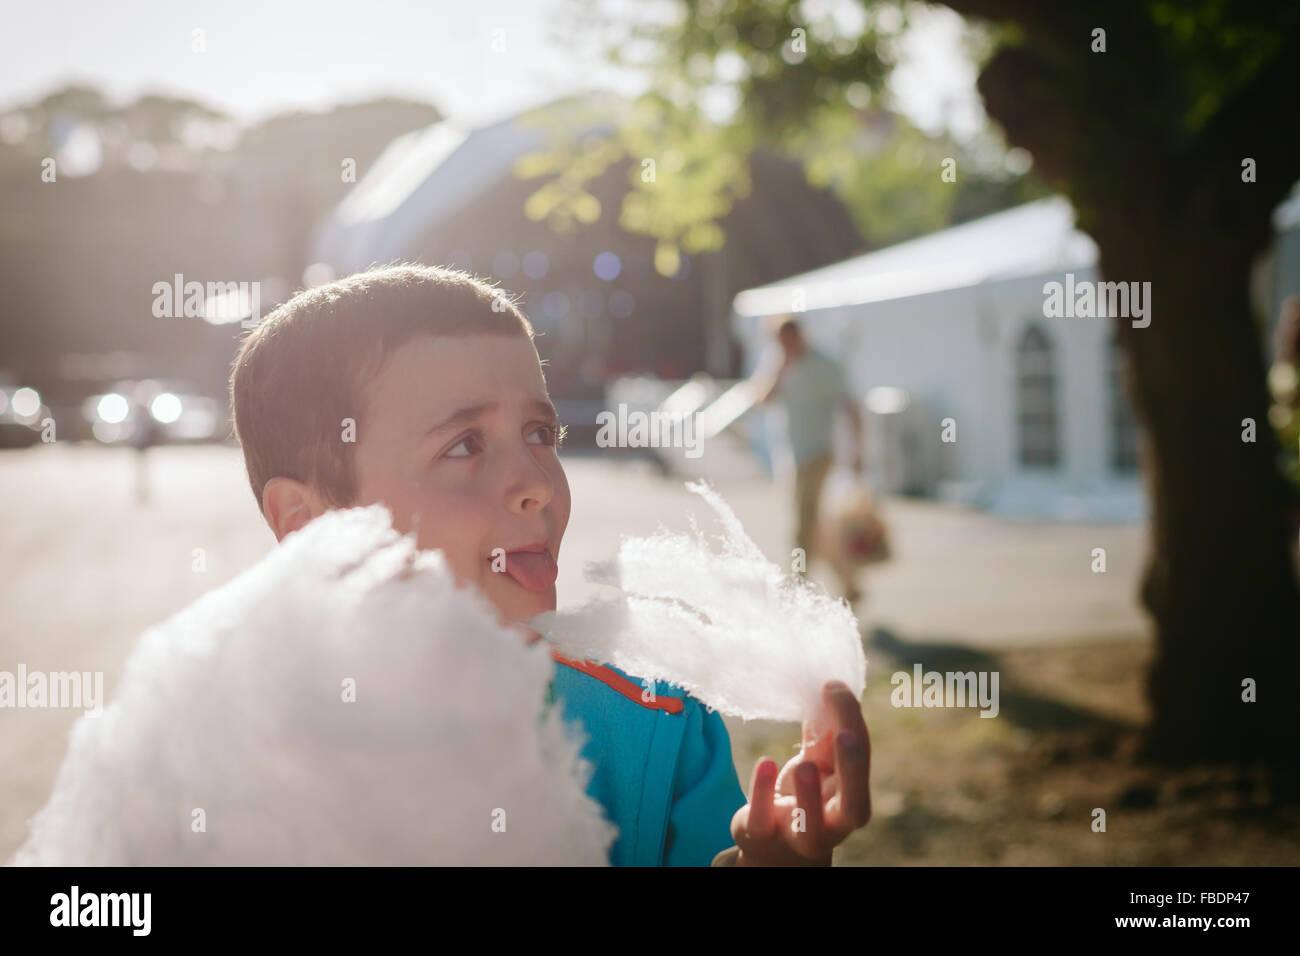 Boy Eating Candy Floss sulla giornata di sole Immagini Stock